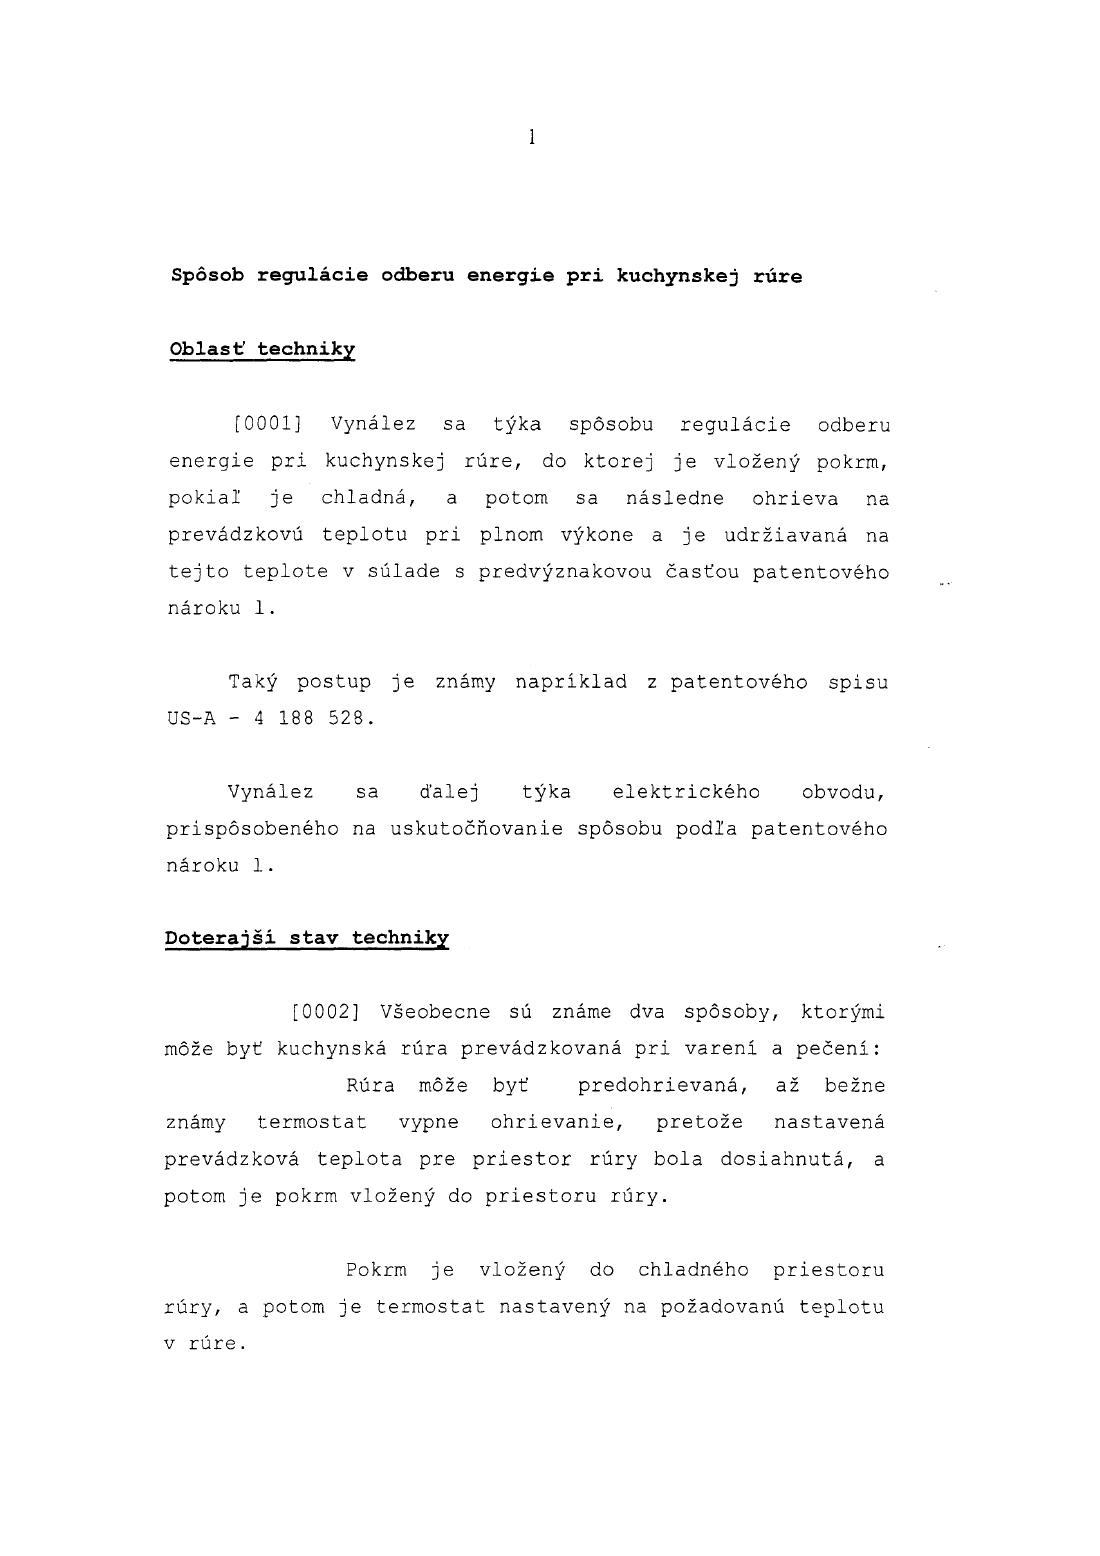 Sposob Regulacie Odberu Energie Pri Kuchynskej Rure 28 12 2002 E